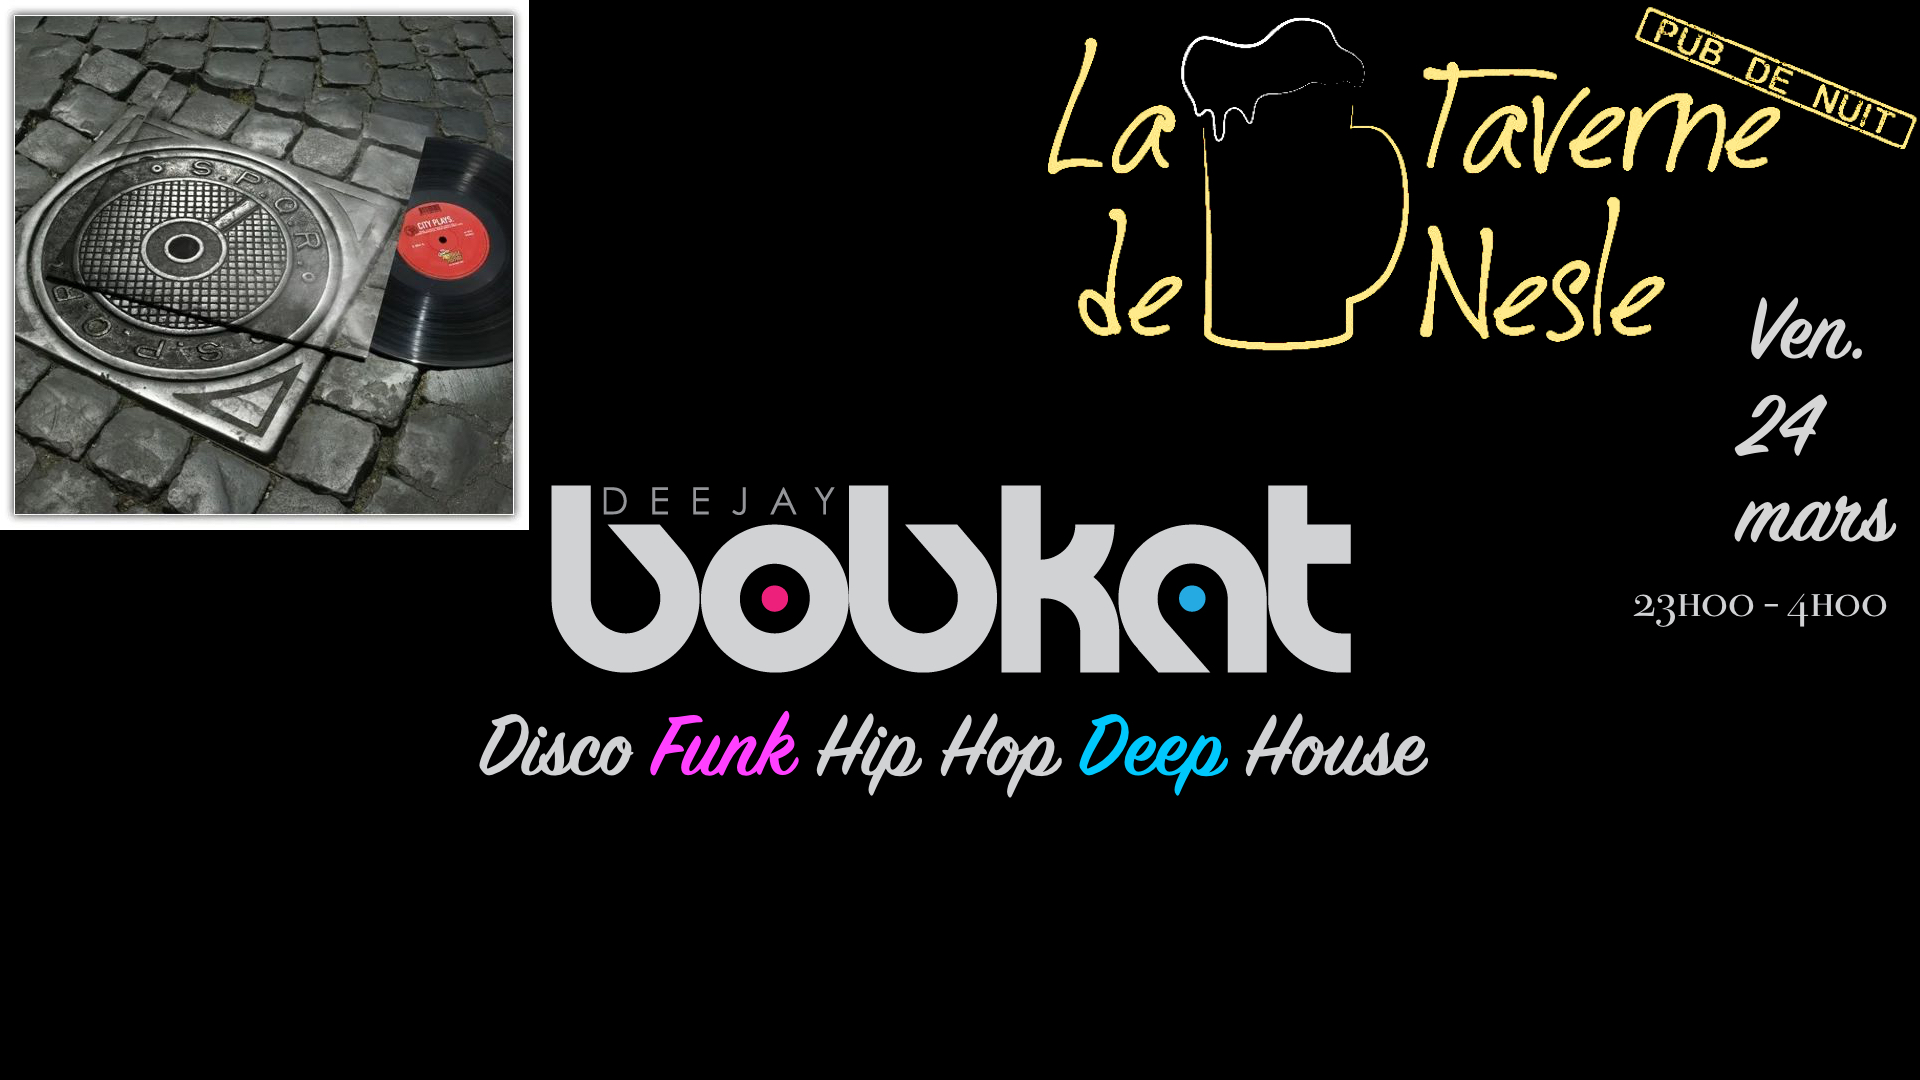 Taverne 24 mars mixe bobkat 64